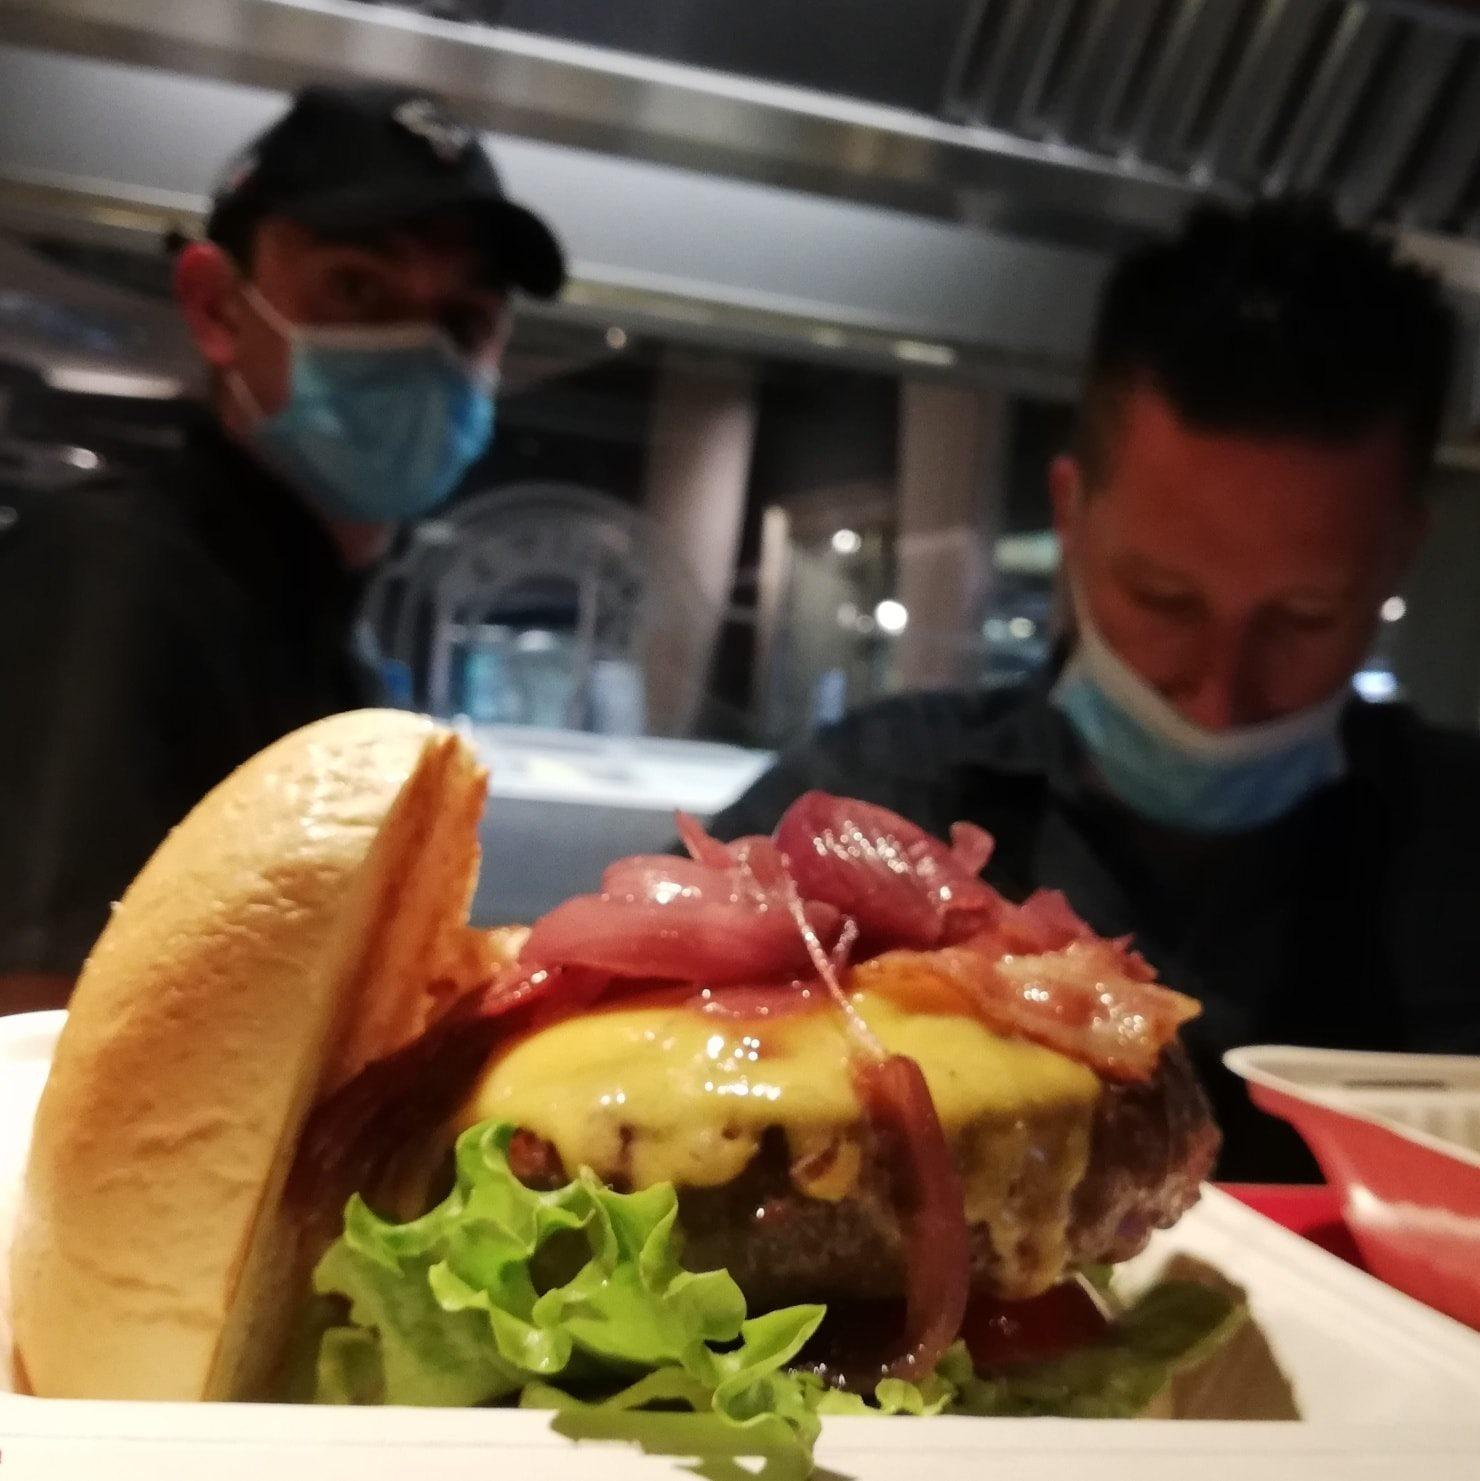 immagine Hamburger Limousine 300gr, cheddar, bacon, cipolla caramellata, insalata gentile, pomodoro e pane.